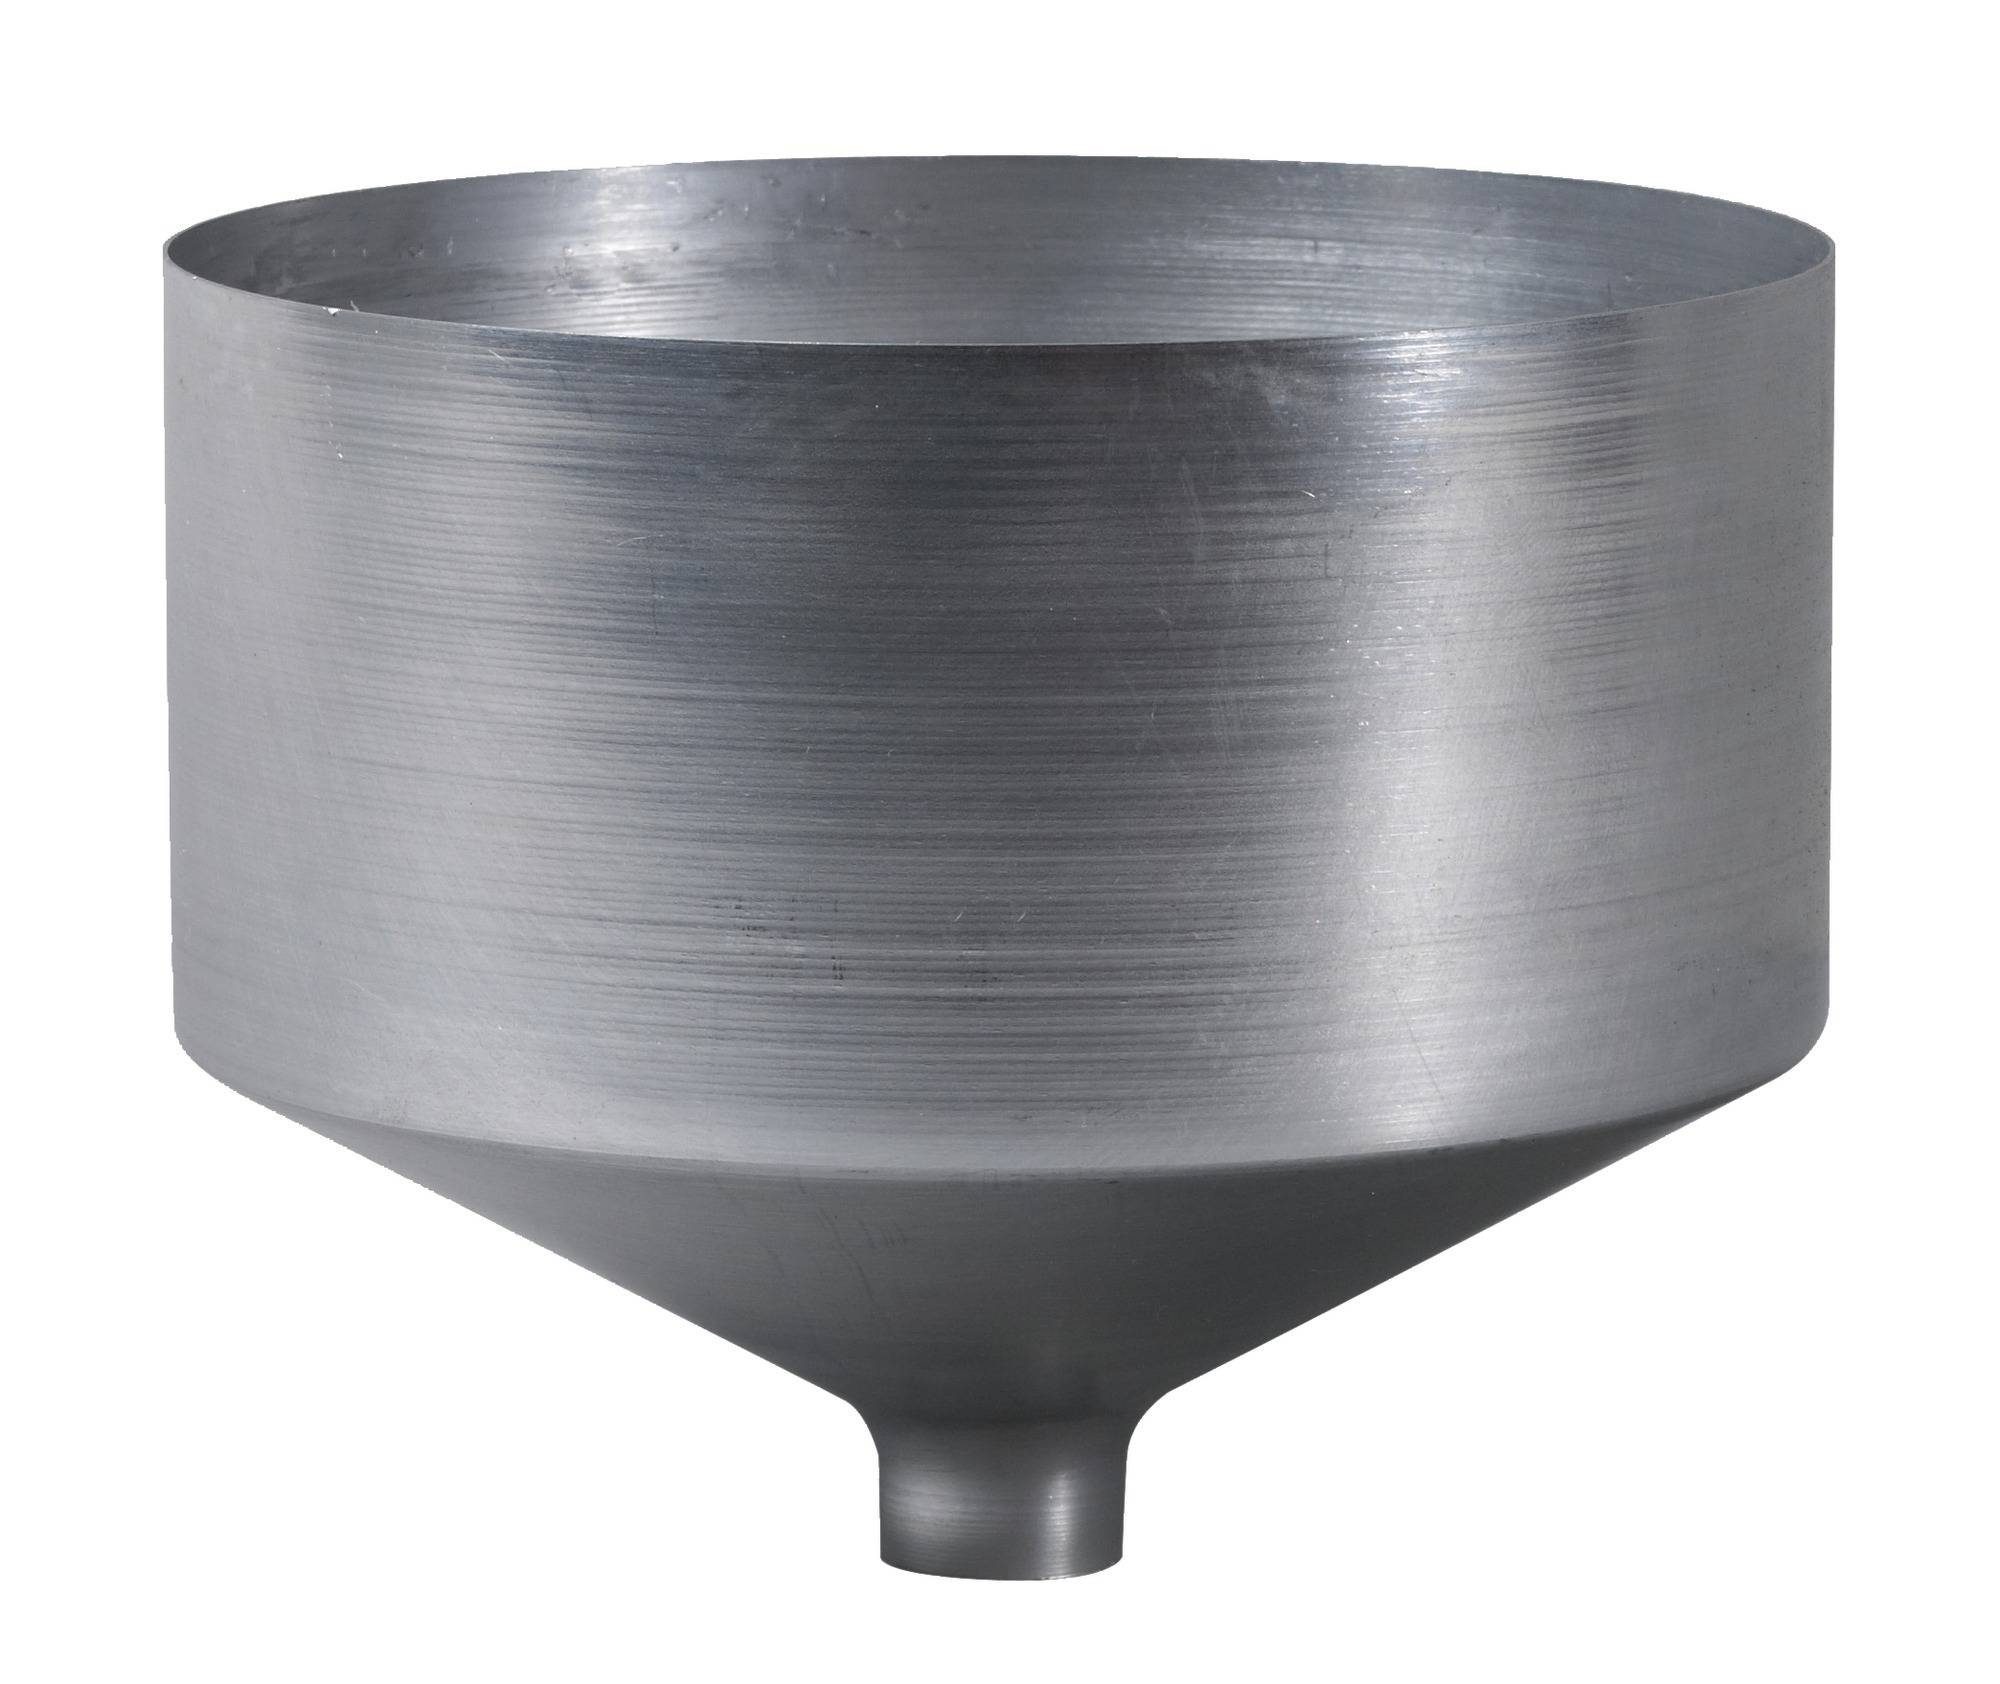 TEN Purge aluminium Ø 111 mm - TOLERIE GENERALE - 900111